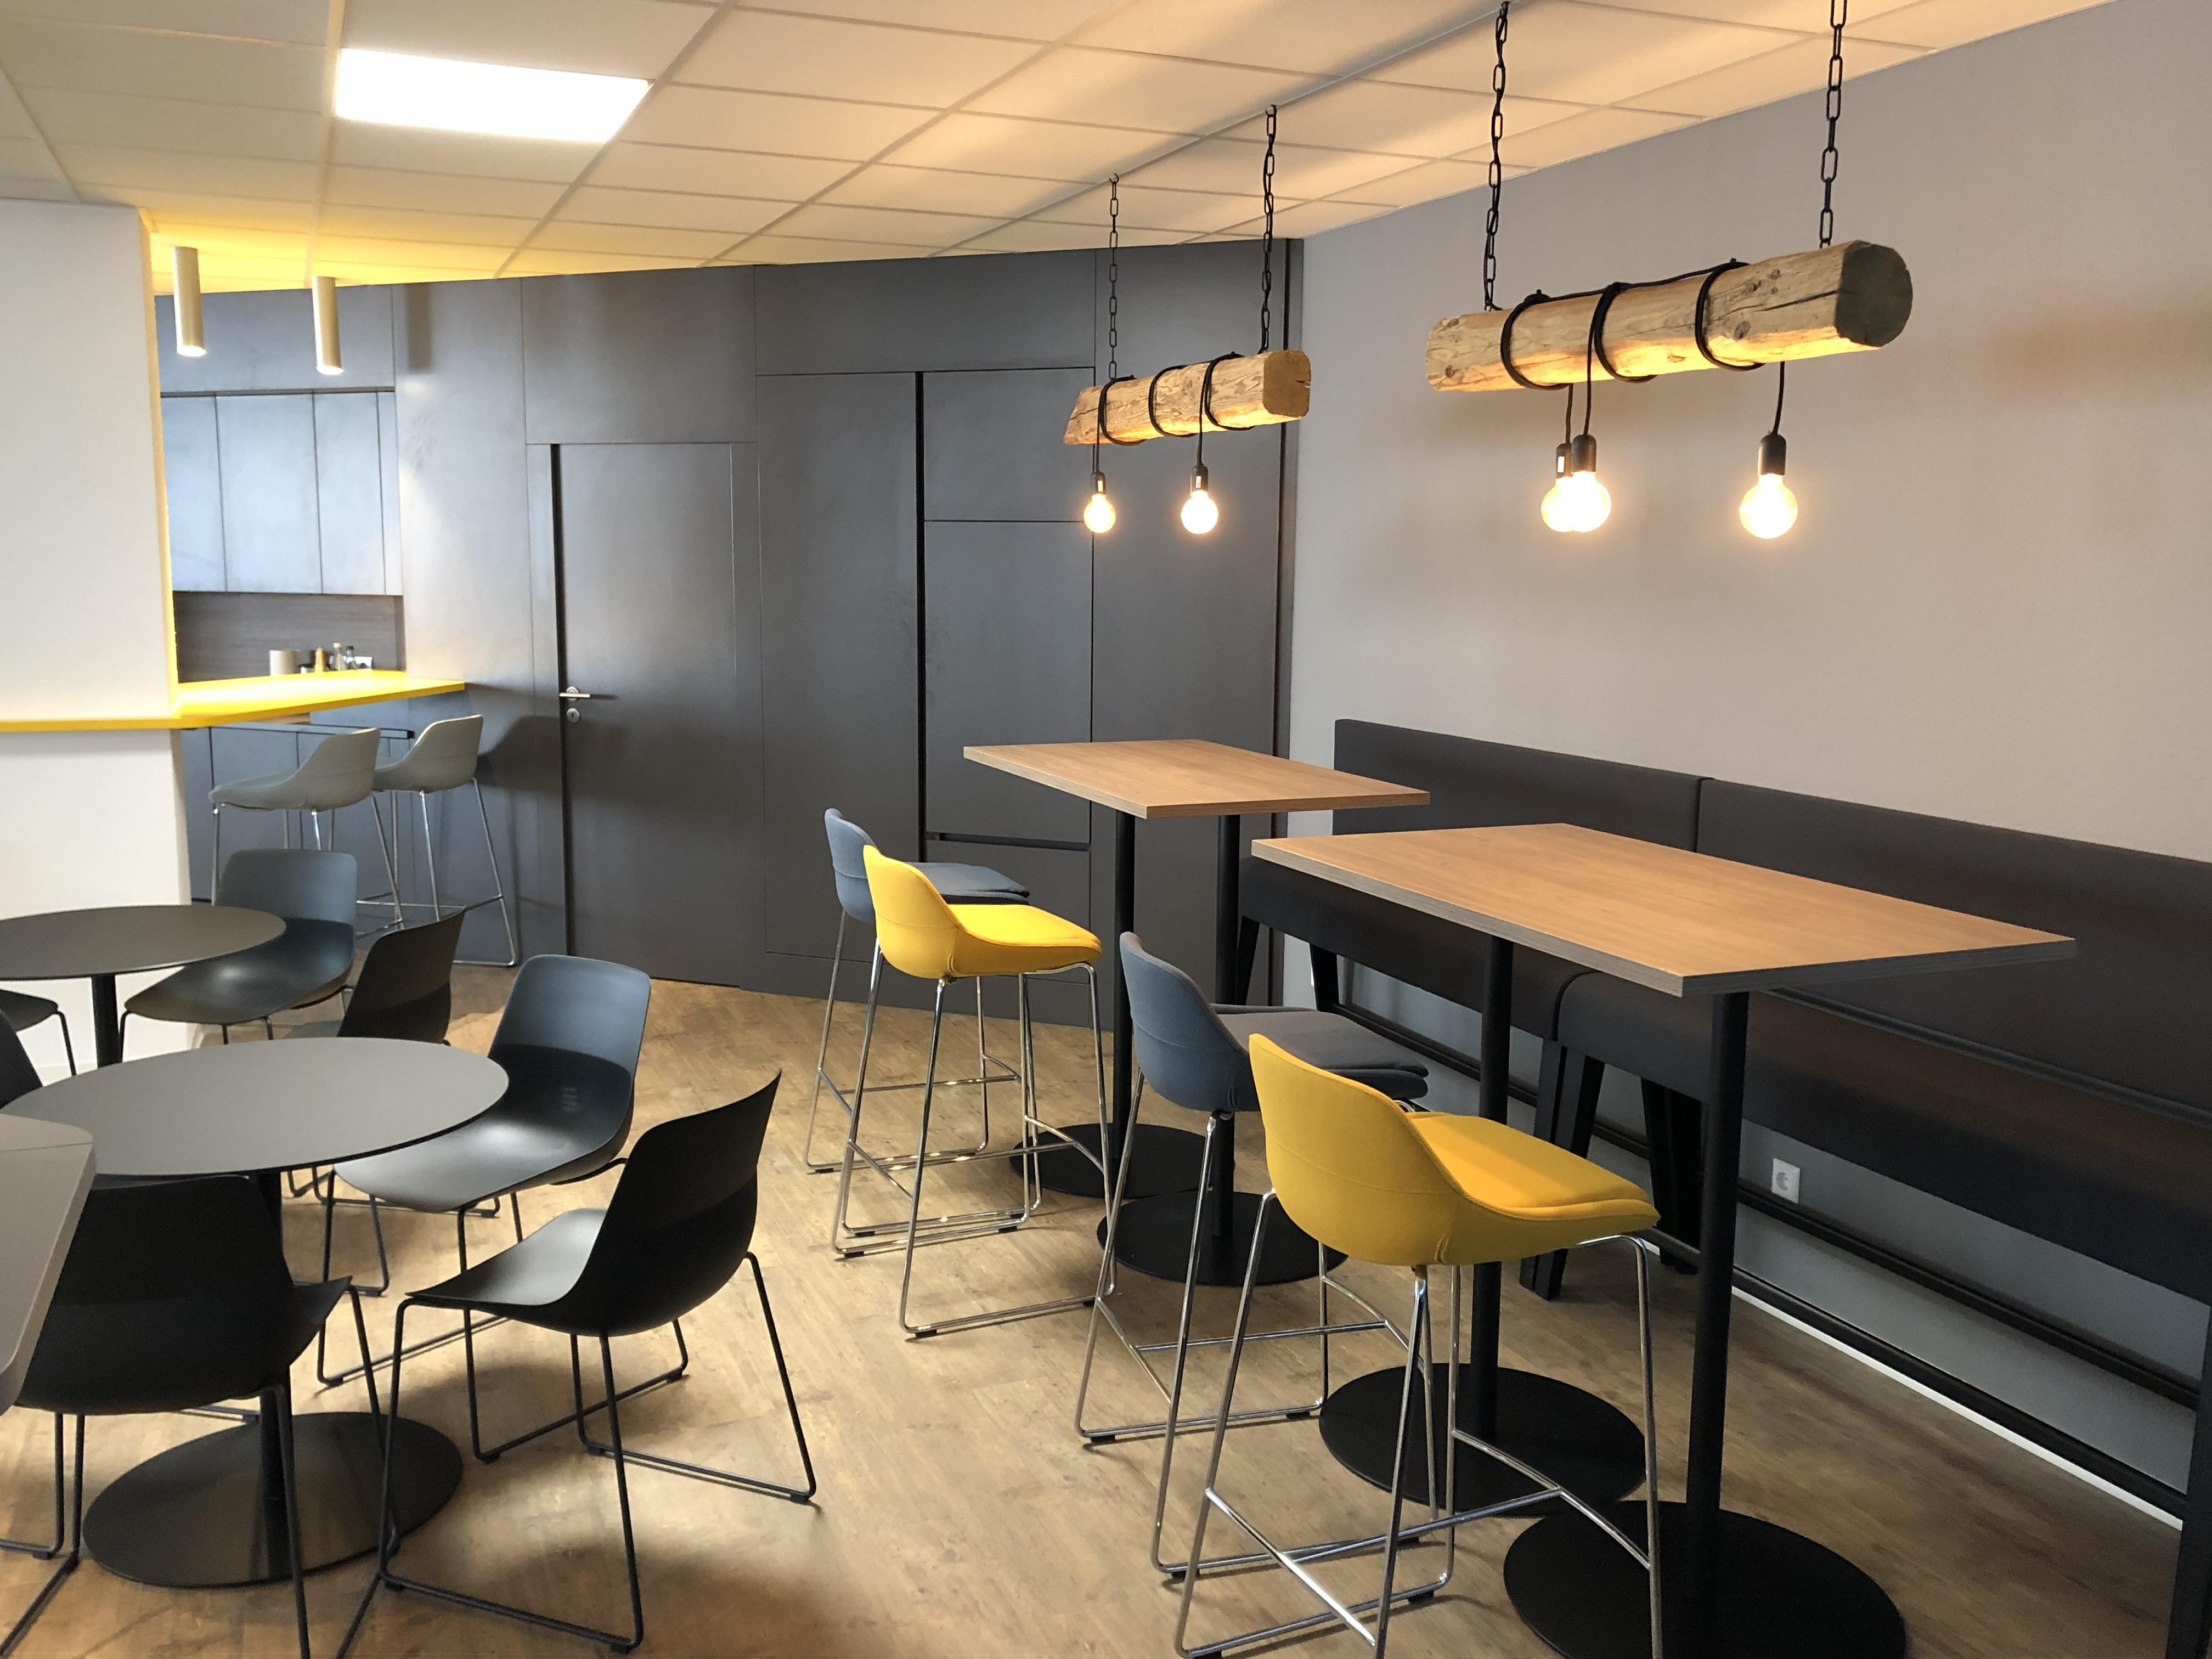 News Foto  Lounge 3 - Gepflegt chillen und arbeiten: Innovabee weiht neue Lounge ein